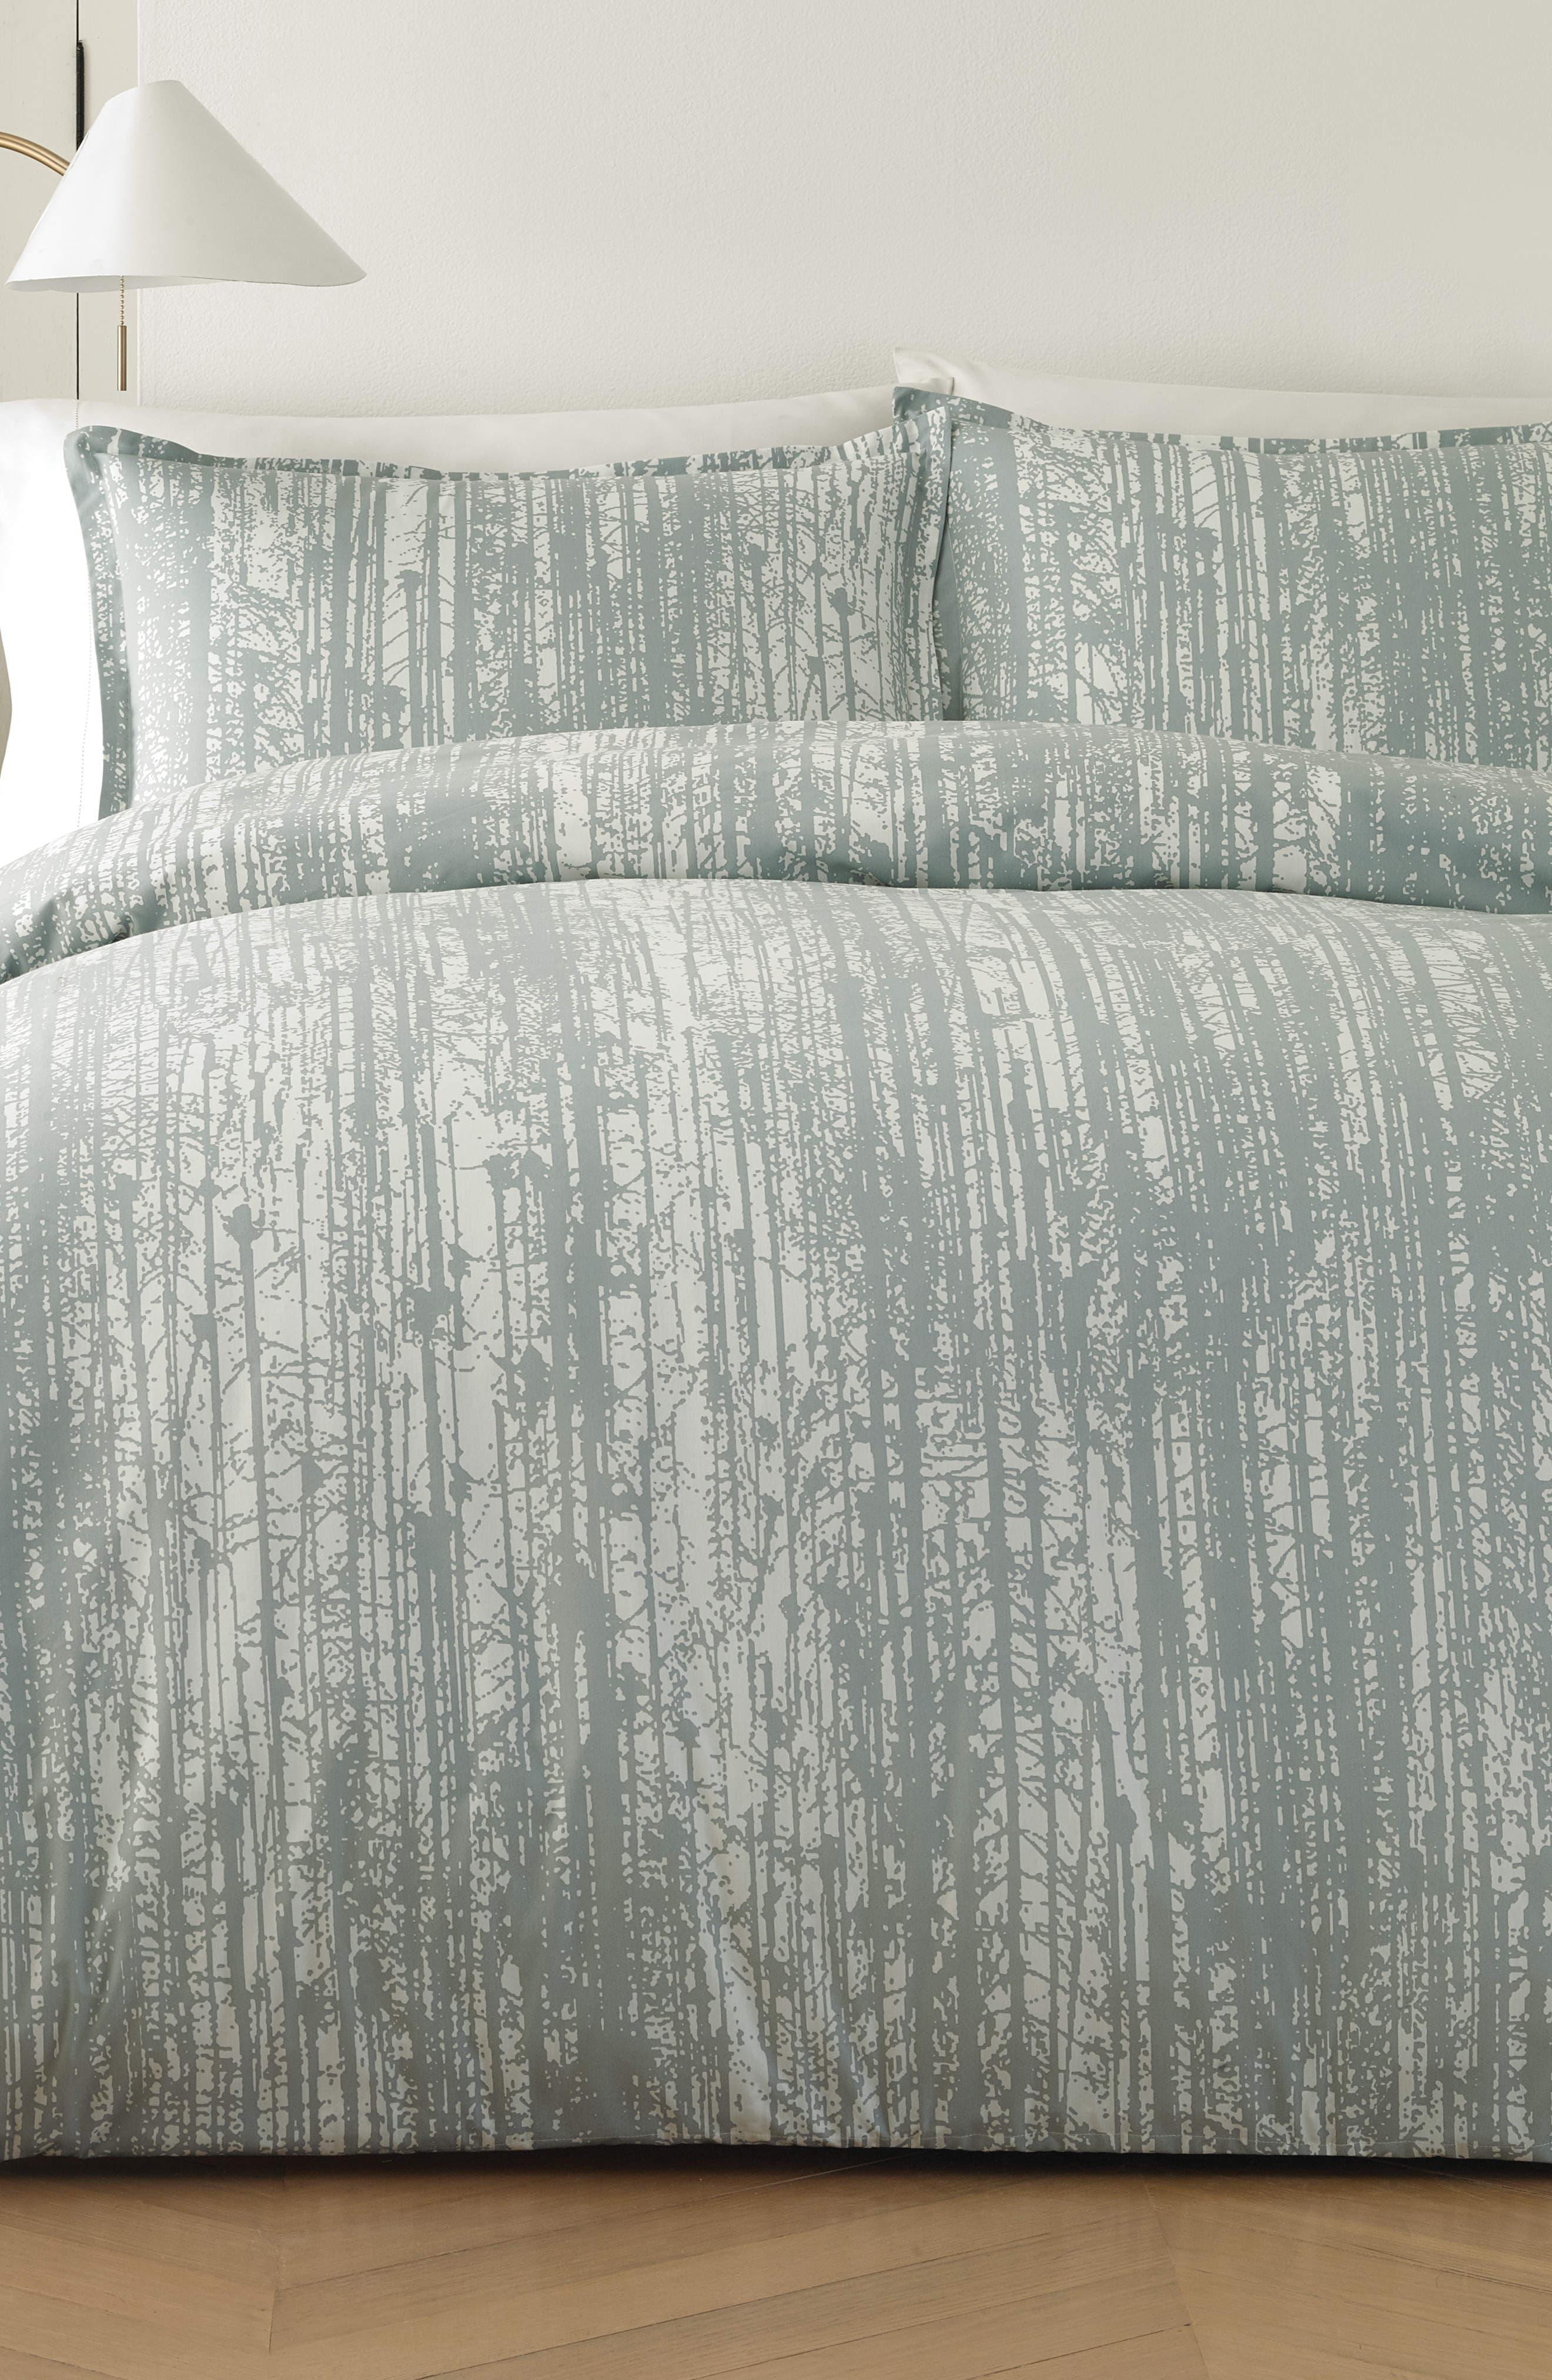 Pihkassa Comforter & Sham Set,                         Main,                         color, 335